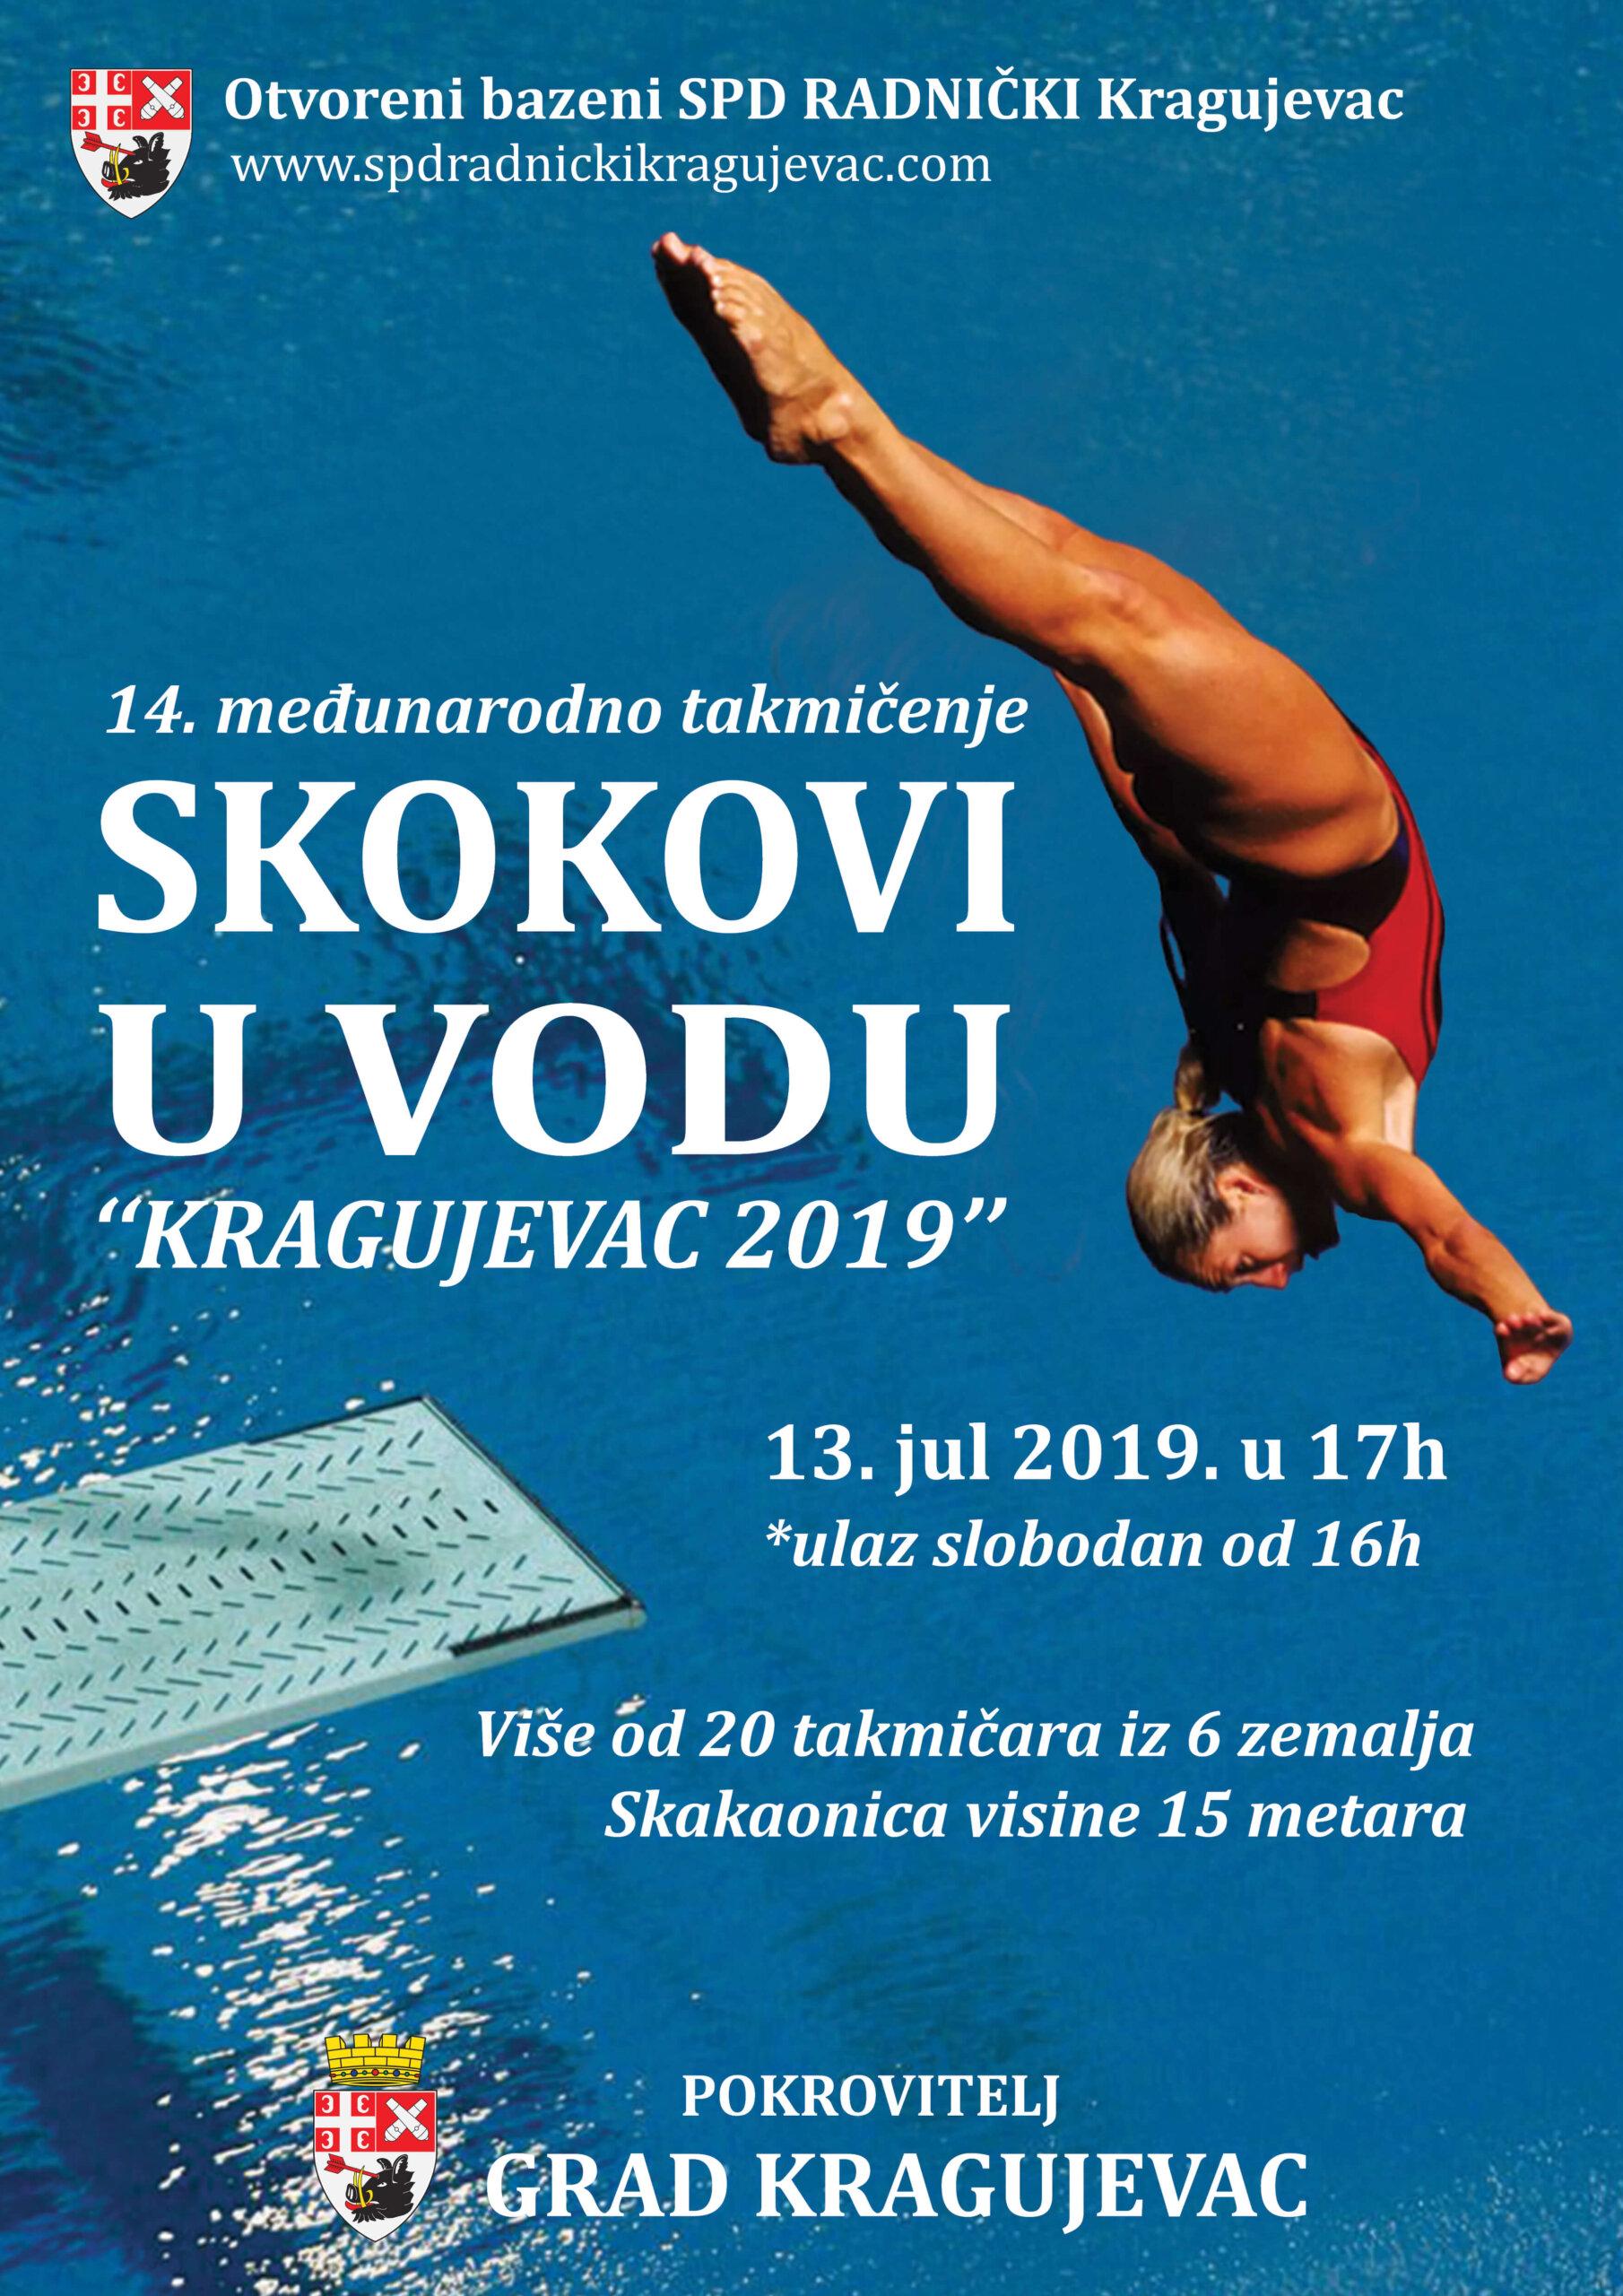 Međunarodno takmičenje u visinskim skokovima u vodu u Kragujevcu